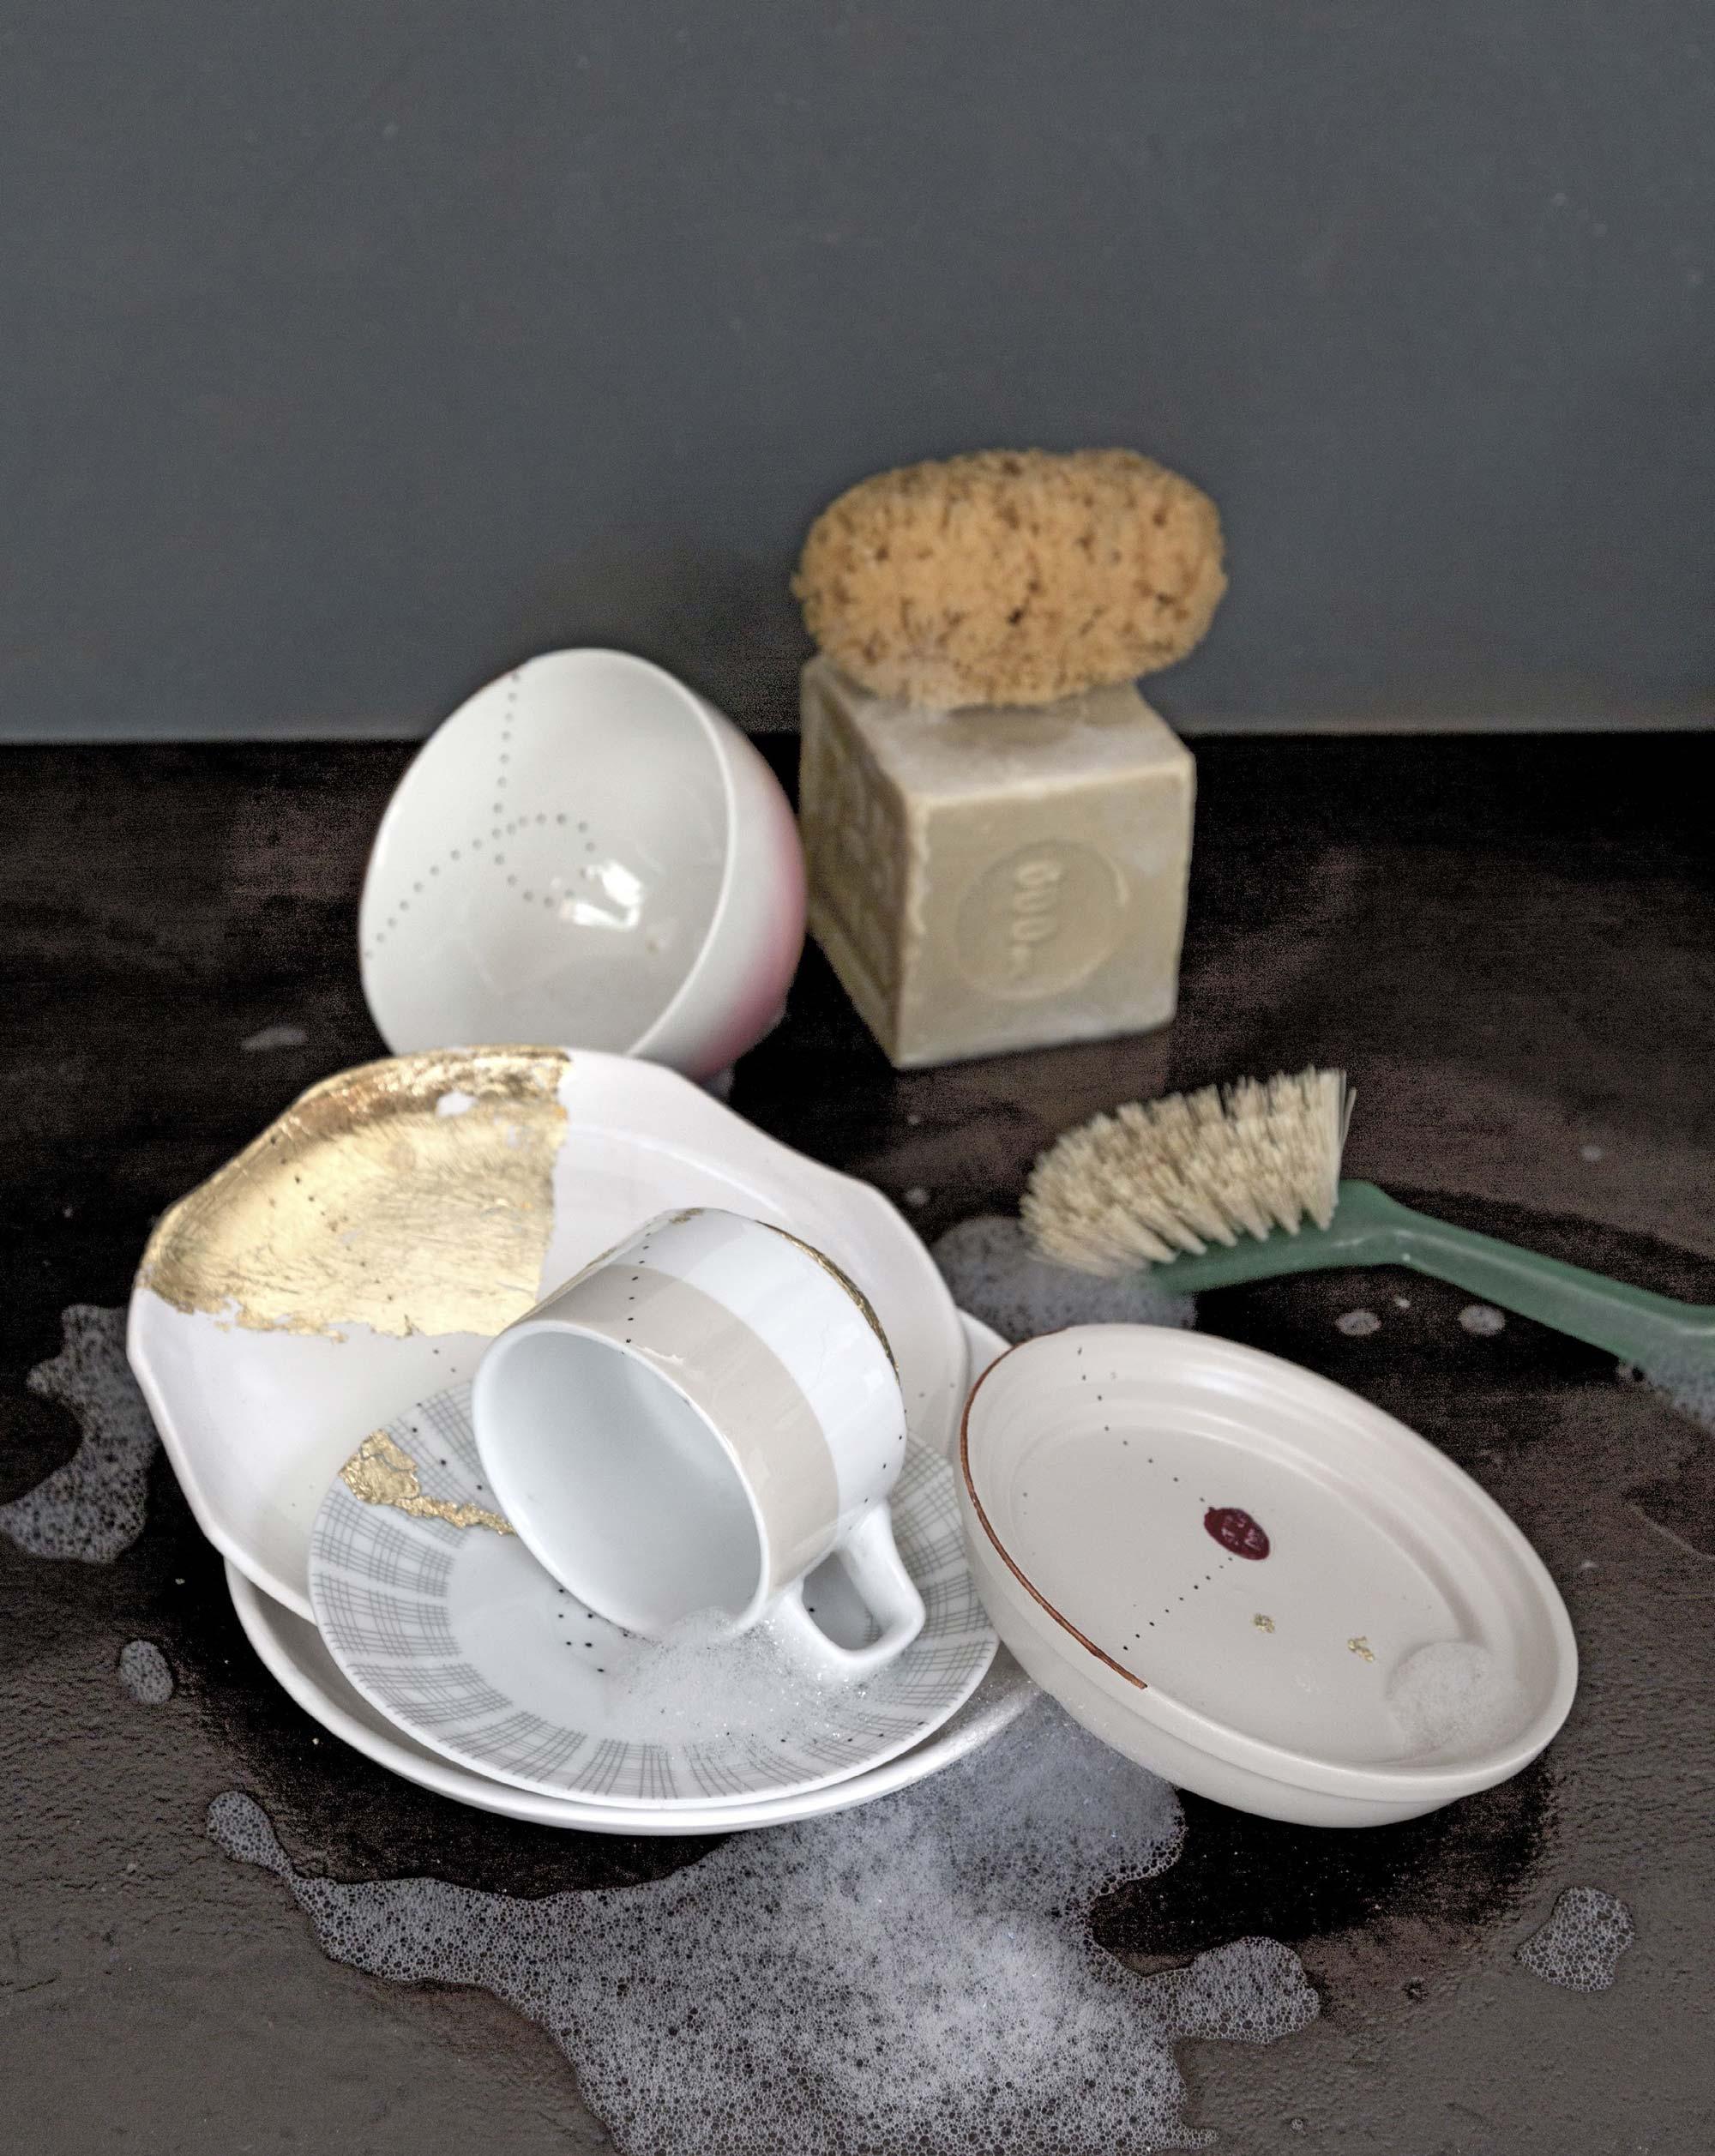 aanrecht-servies-afwas